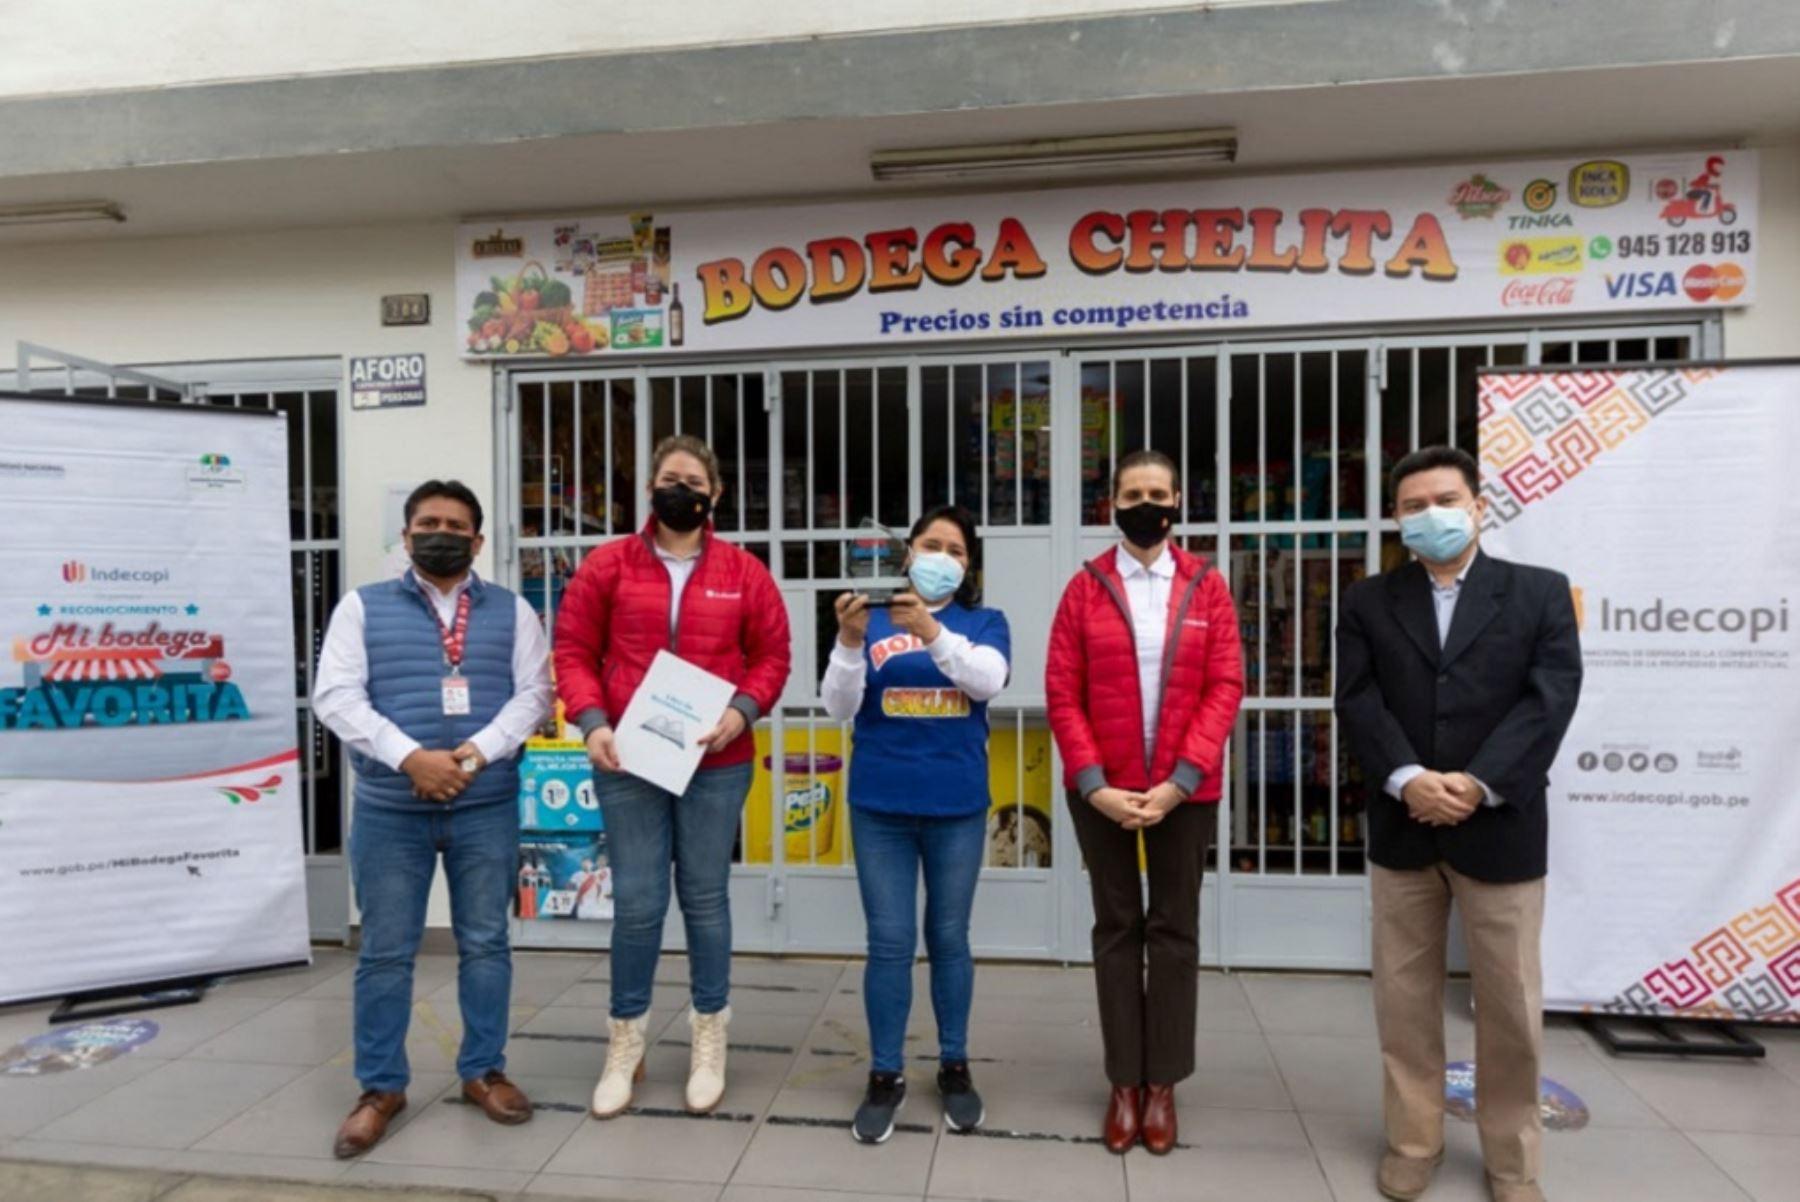 """Indecopi premia a Bodega """"Chelita"""" en Ate, Lima, por buenas prácticas comerciales y sanitarias. Foto: Cortesía."""